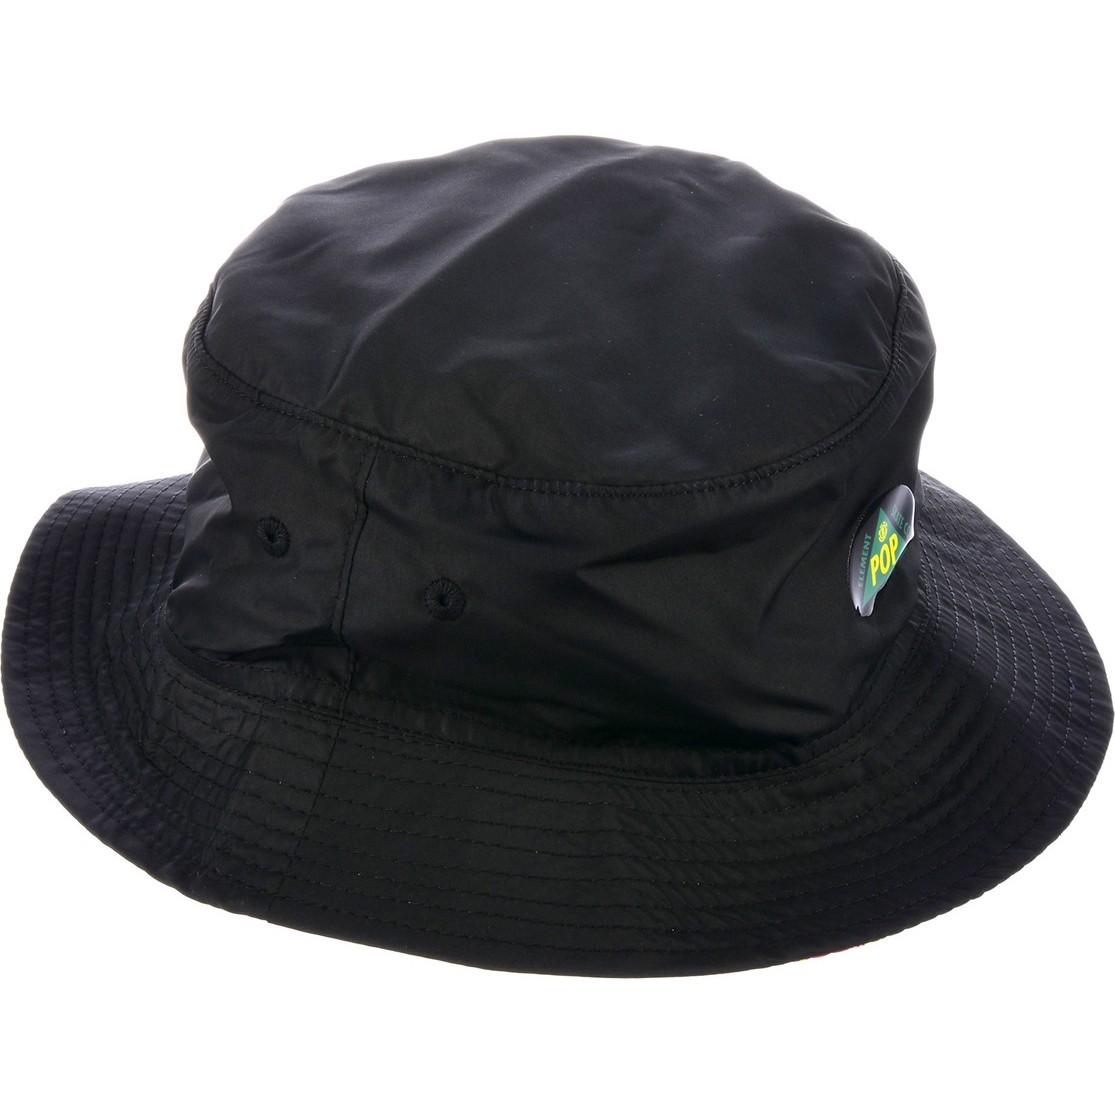 Панама ELEMENT VIRTUE SUN HAT SS18 купить в Москве 2e6c905156d